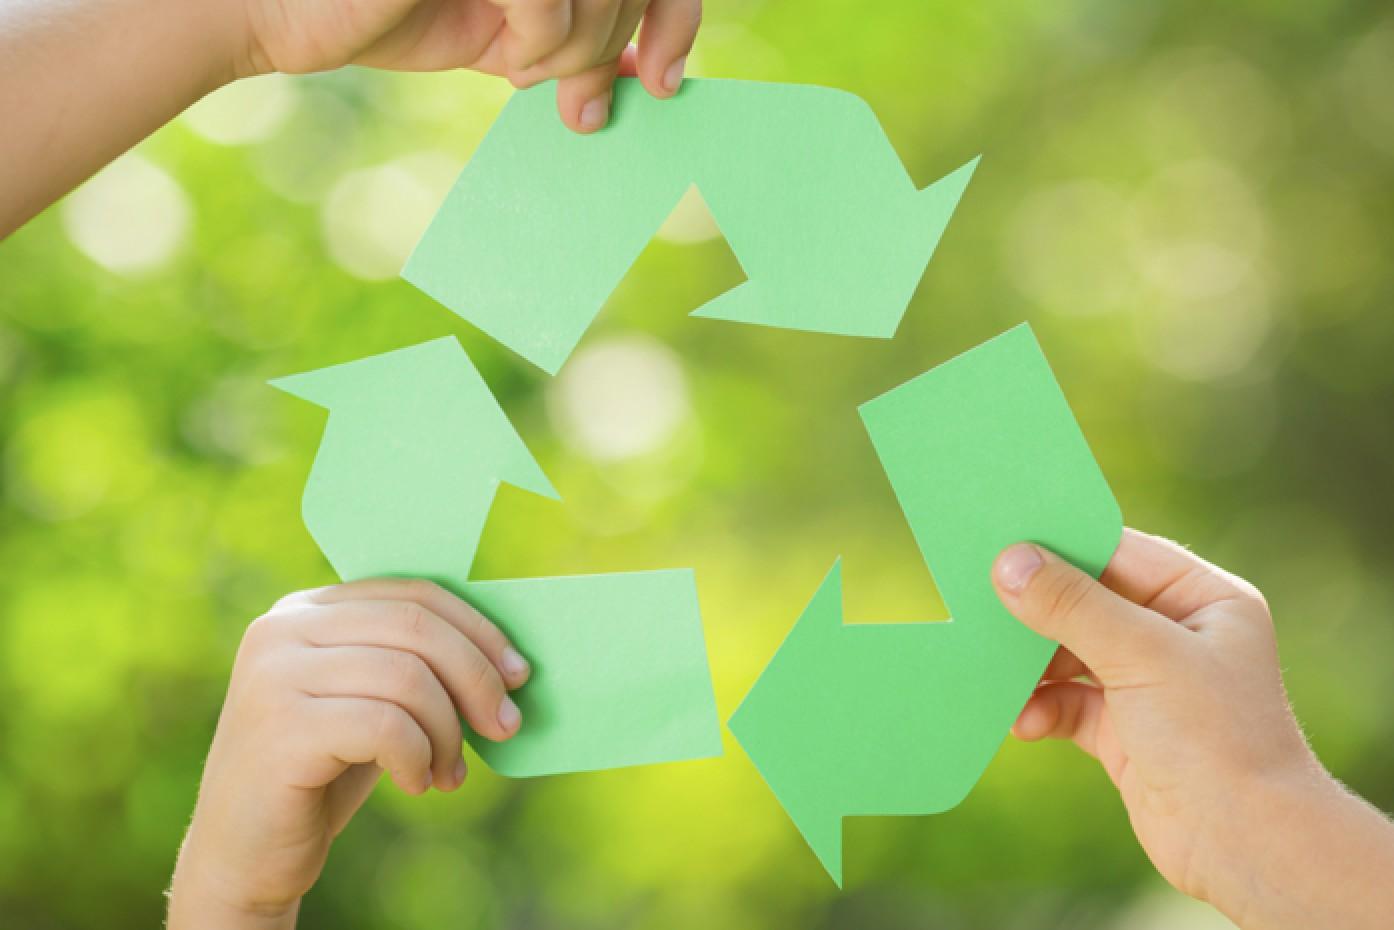 c18bd8e94f7d99c2bc0d93cbbc4f3e1a_Paper-Recycling1-697-c@2x.jpg (1394×930)